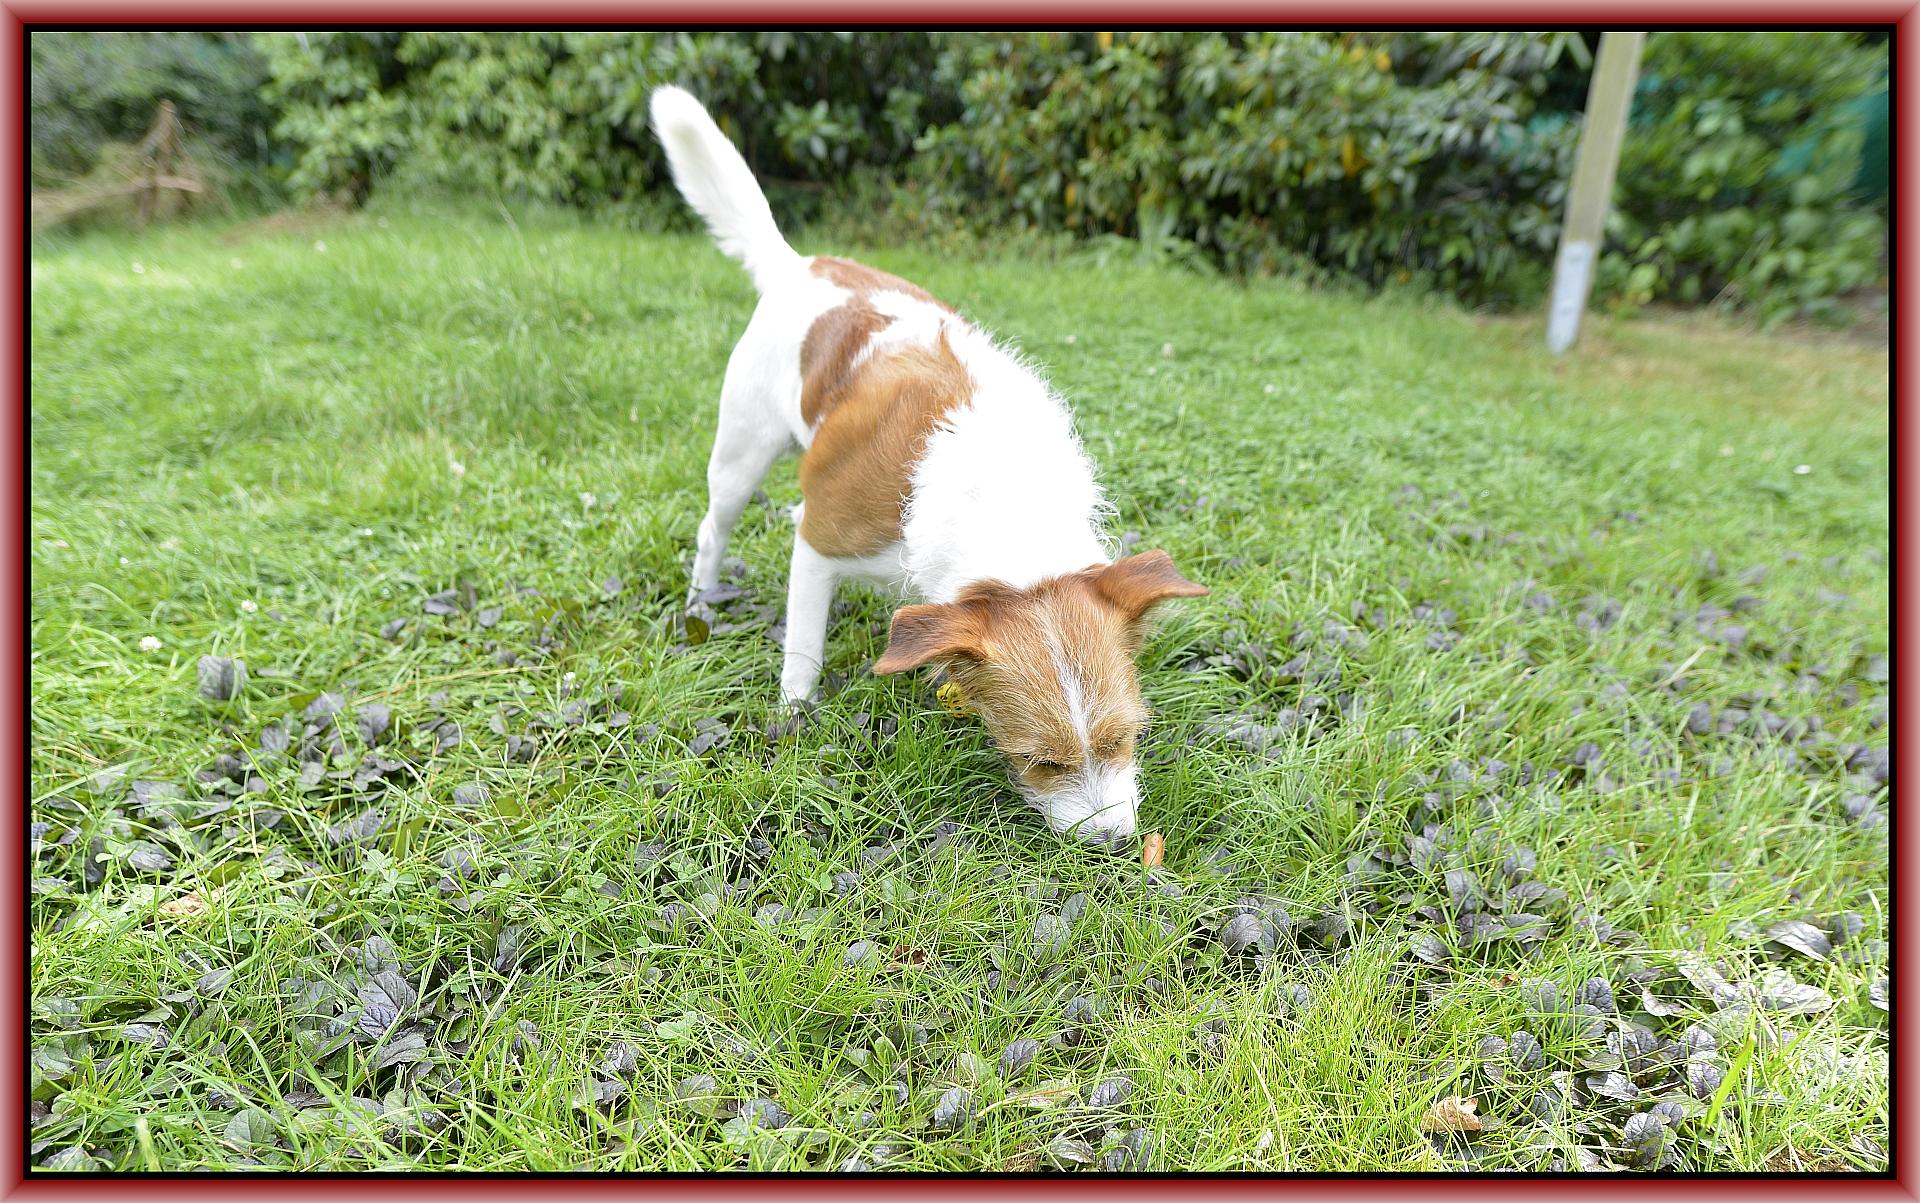 Fritz sucht verstreute Leckerlis in der Wiese, so habe ich meine Ruhe, hihi.